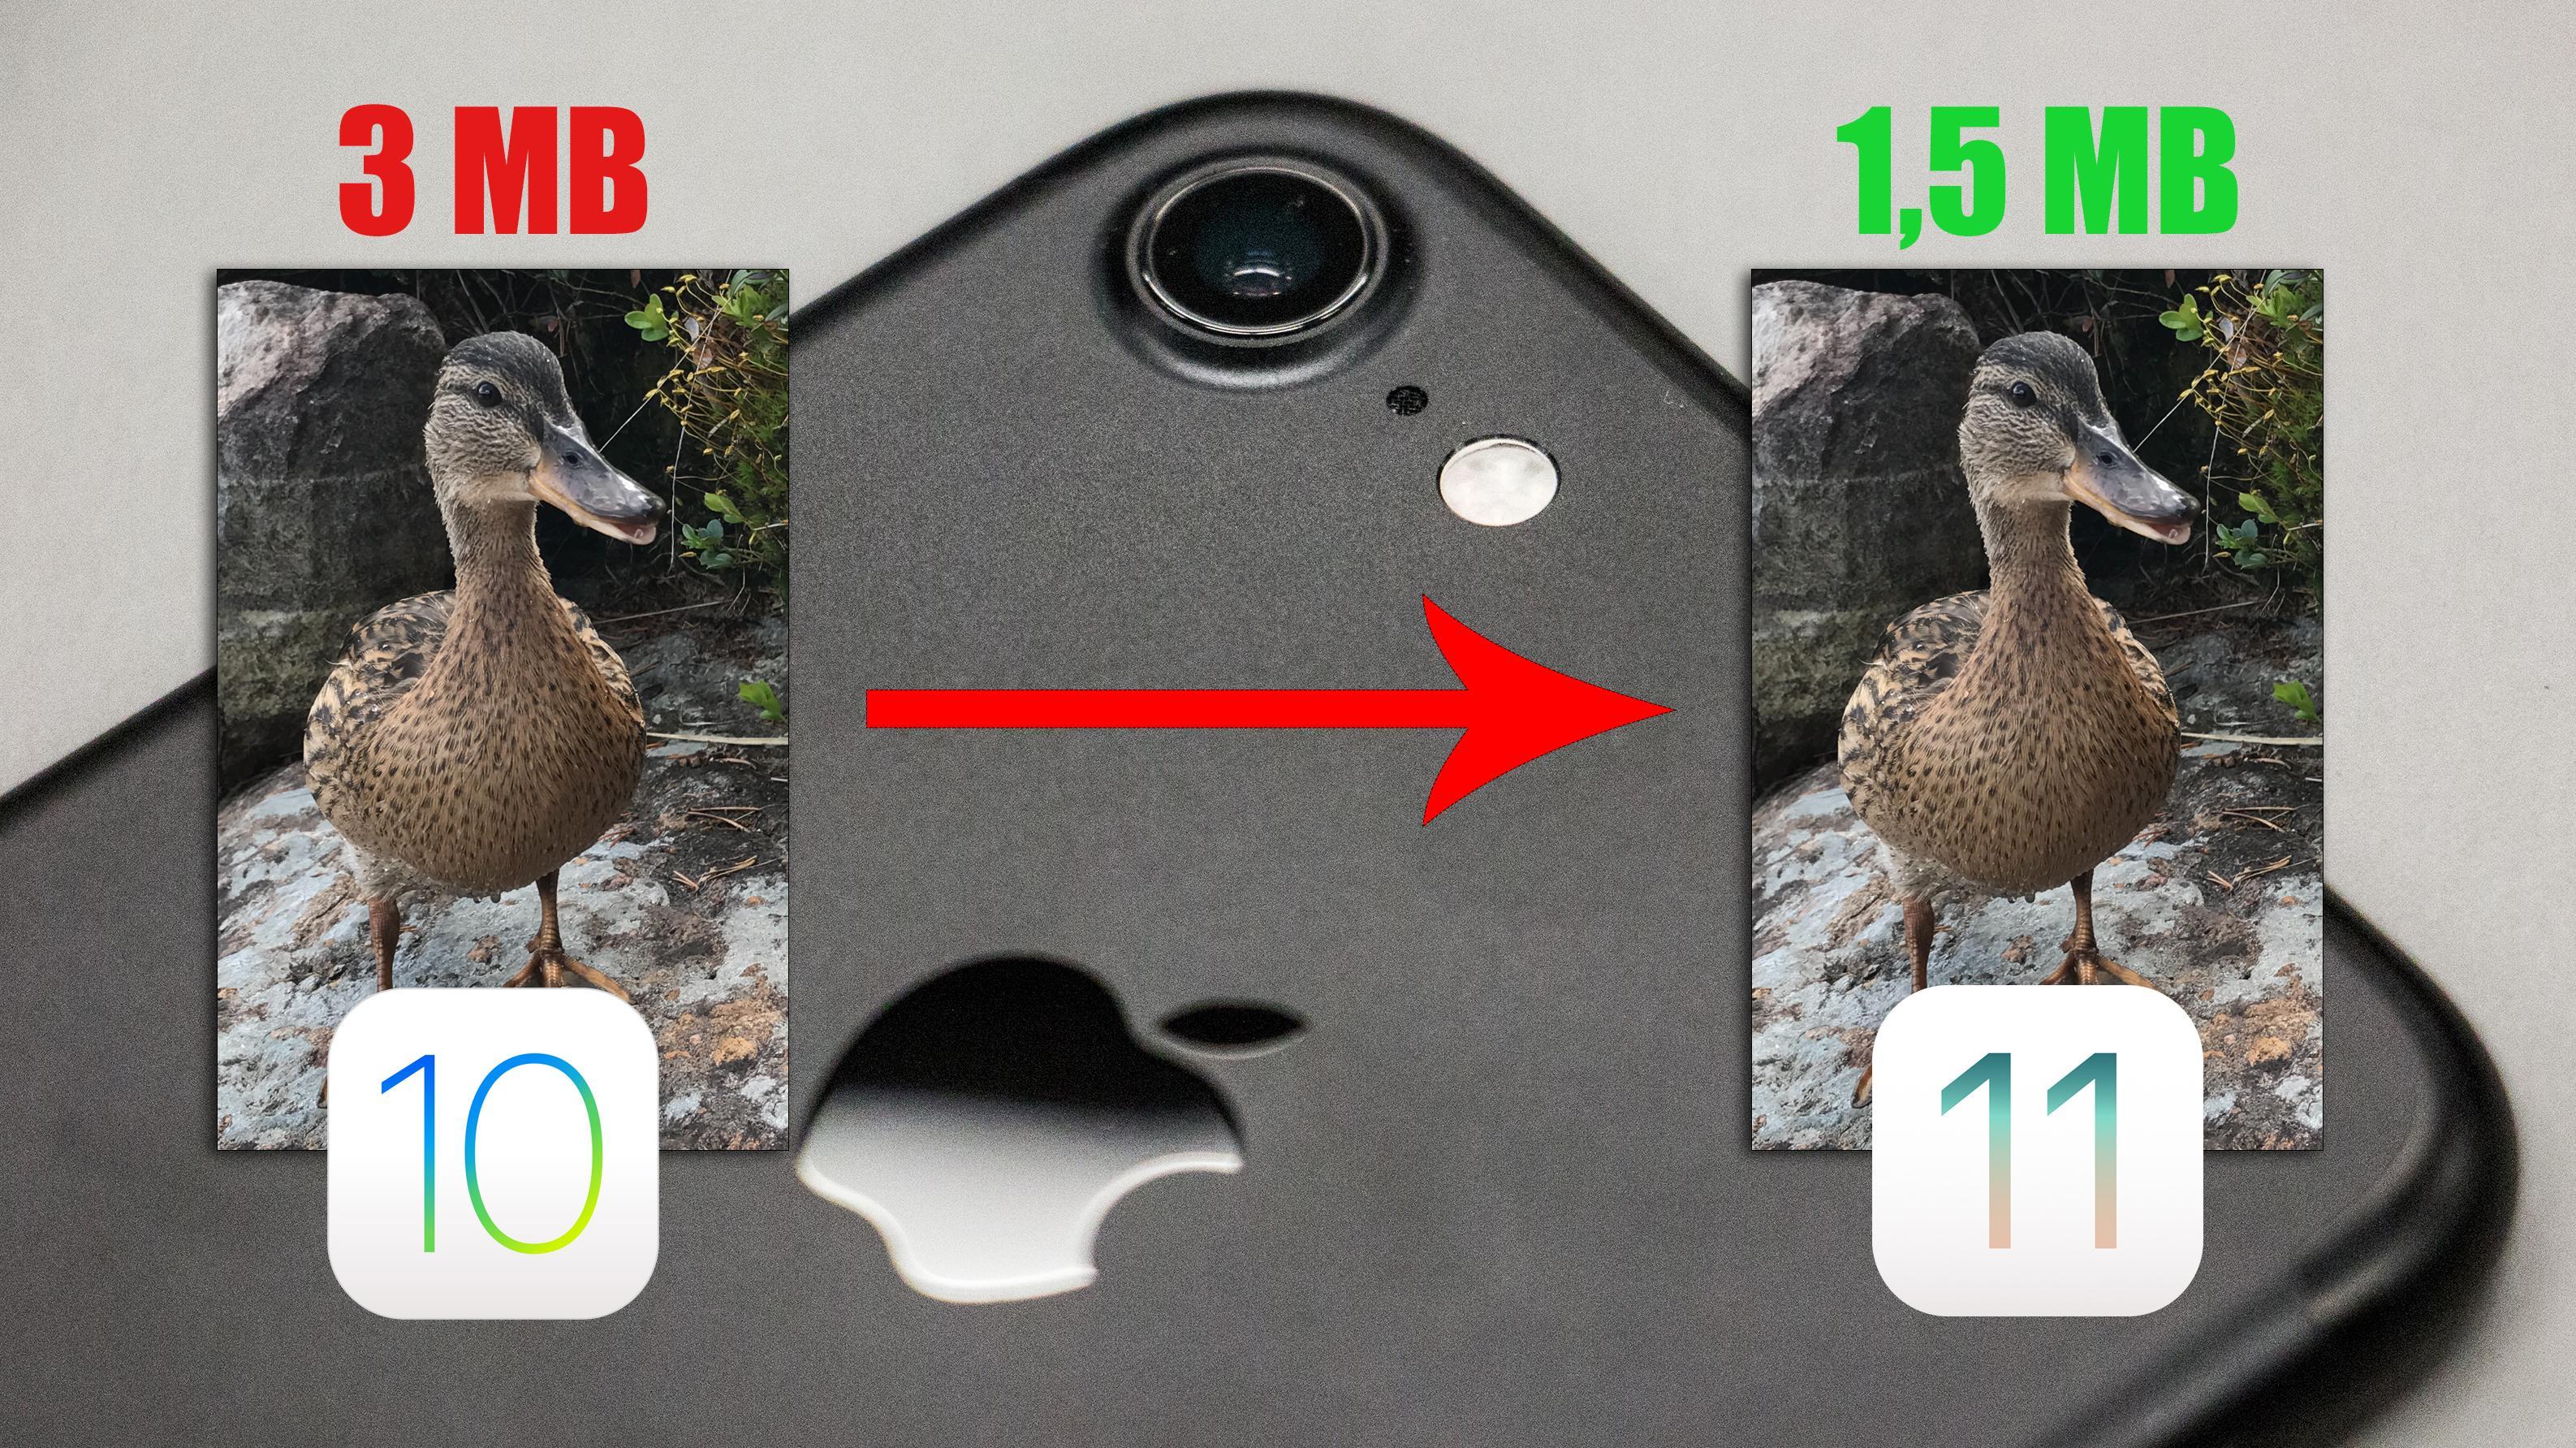 iOS 11 gir deg dobbelt så god plass til bilder og videoer